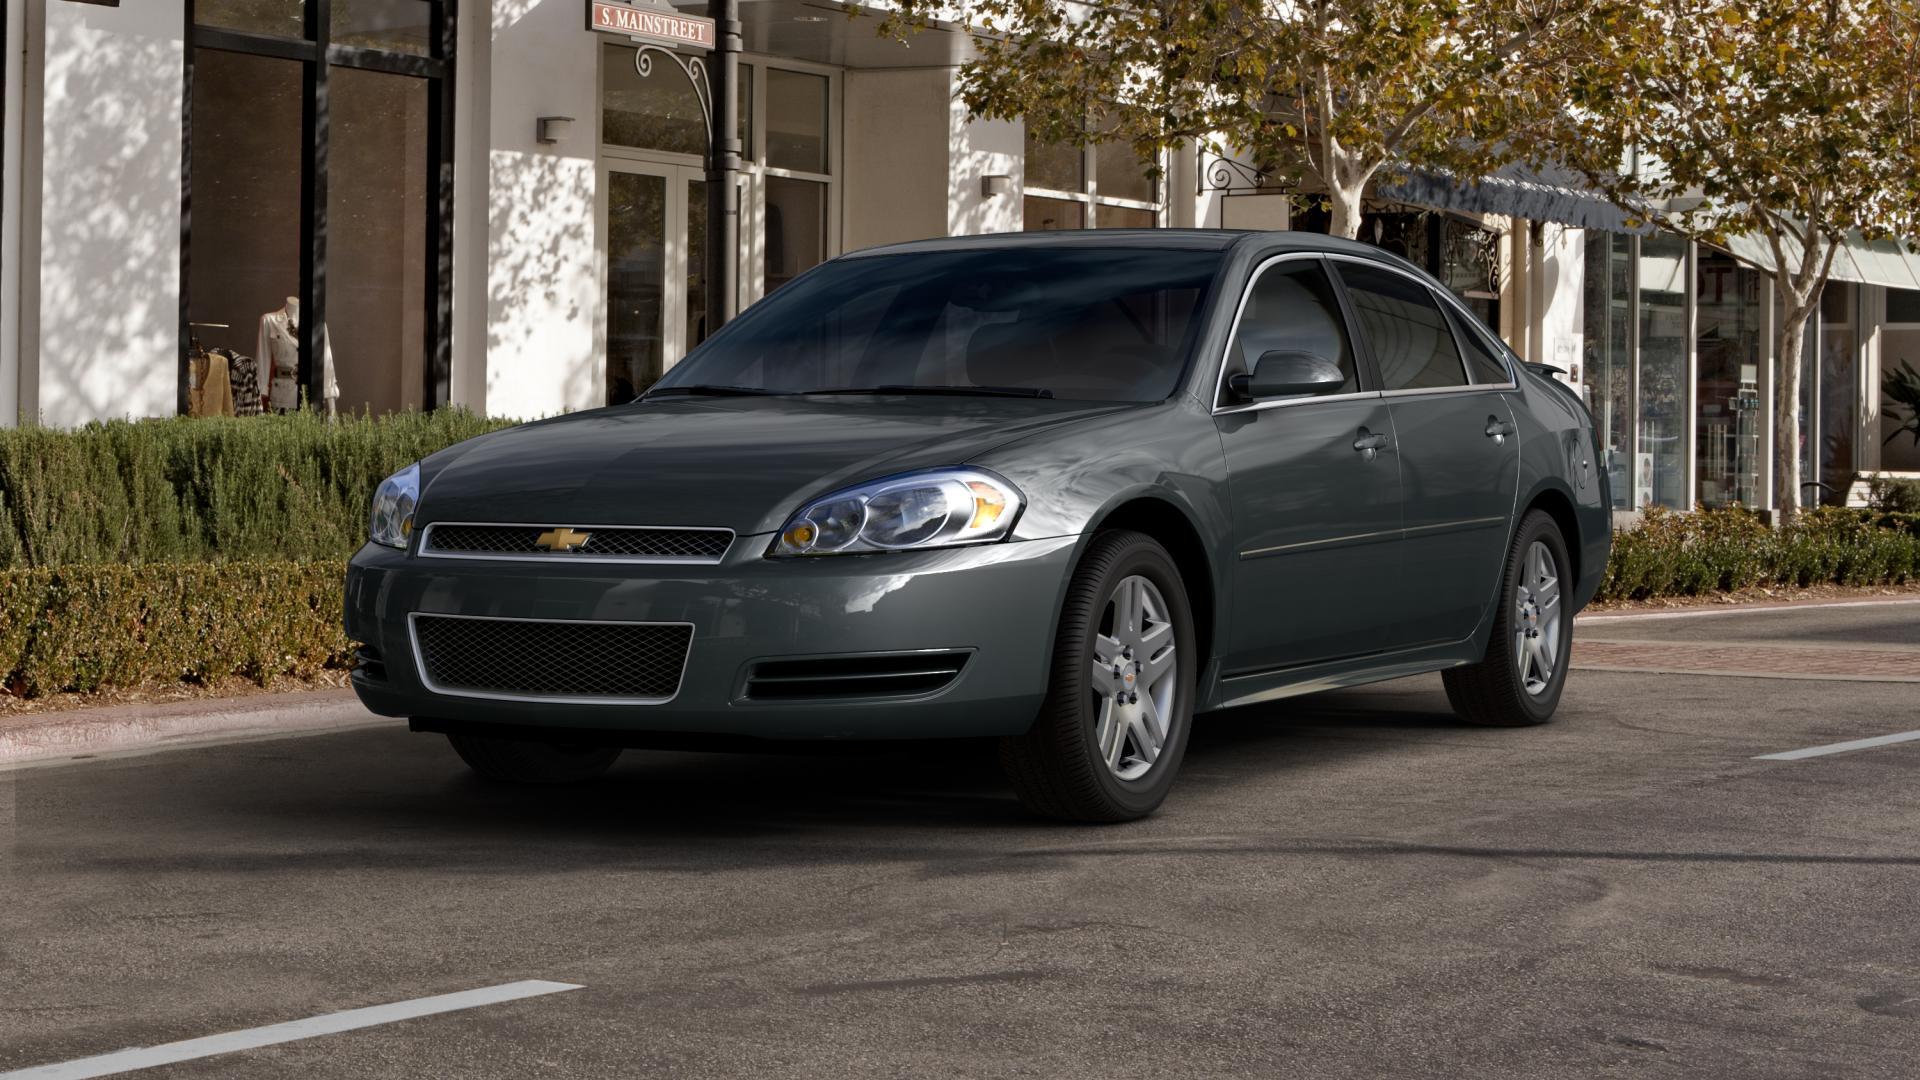 2013 Chevrolet Impala News and Information | conceptcarz.com